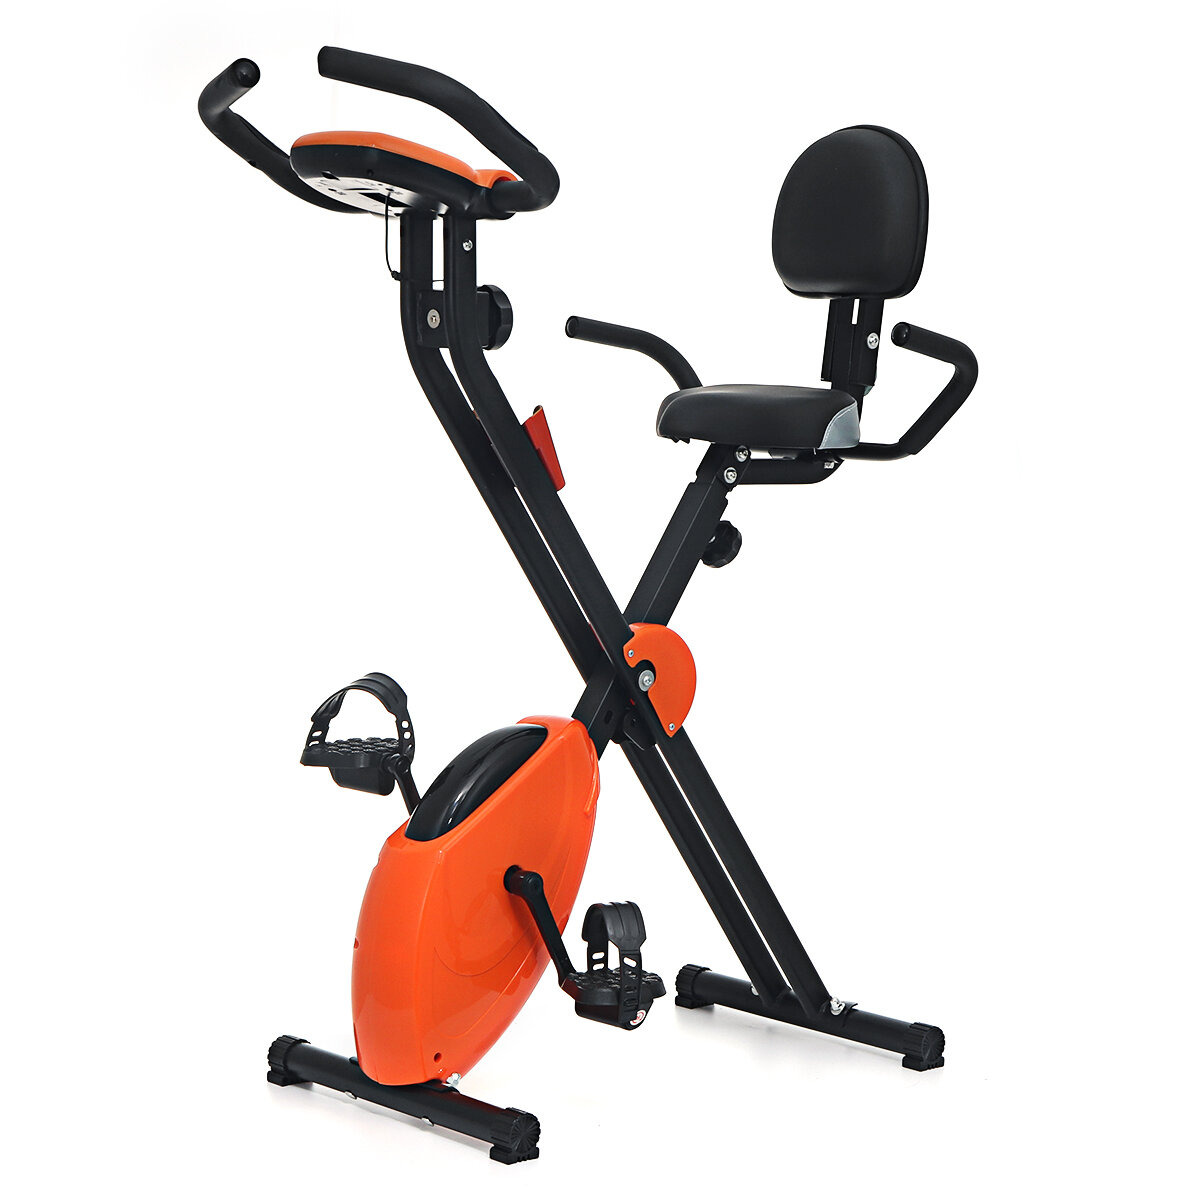 Ευρωπαϊκή αποθήκη   KALOAD Folding Exercise Bike Fitness Cardio Training Sports Cycling Spinning Bike Workout Equipment